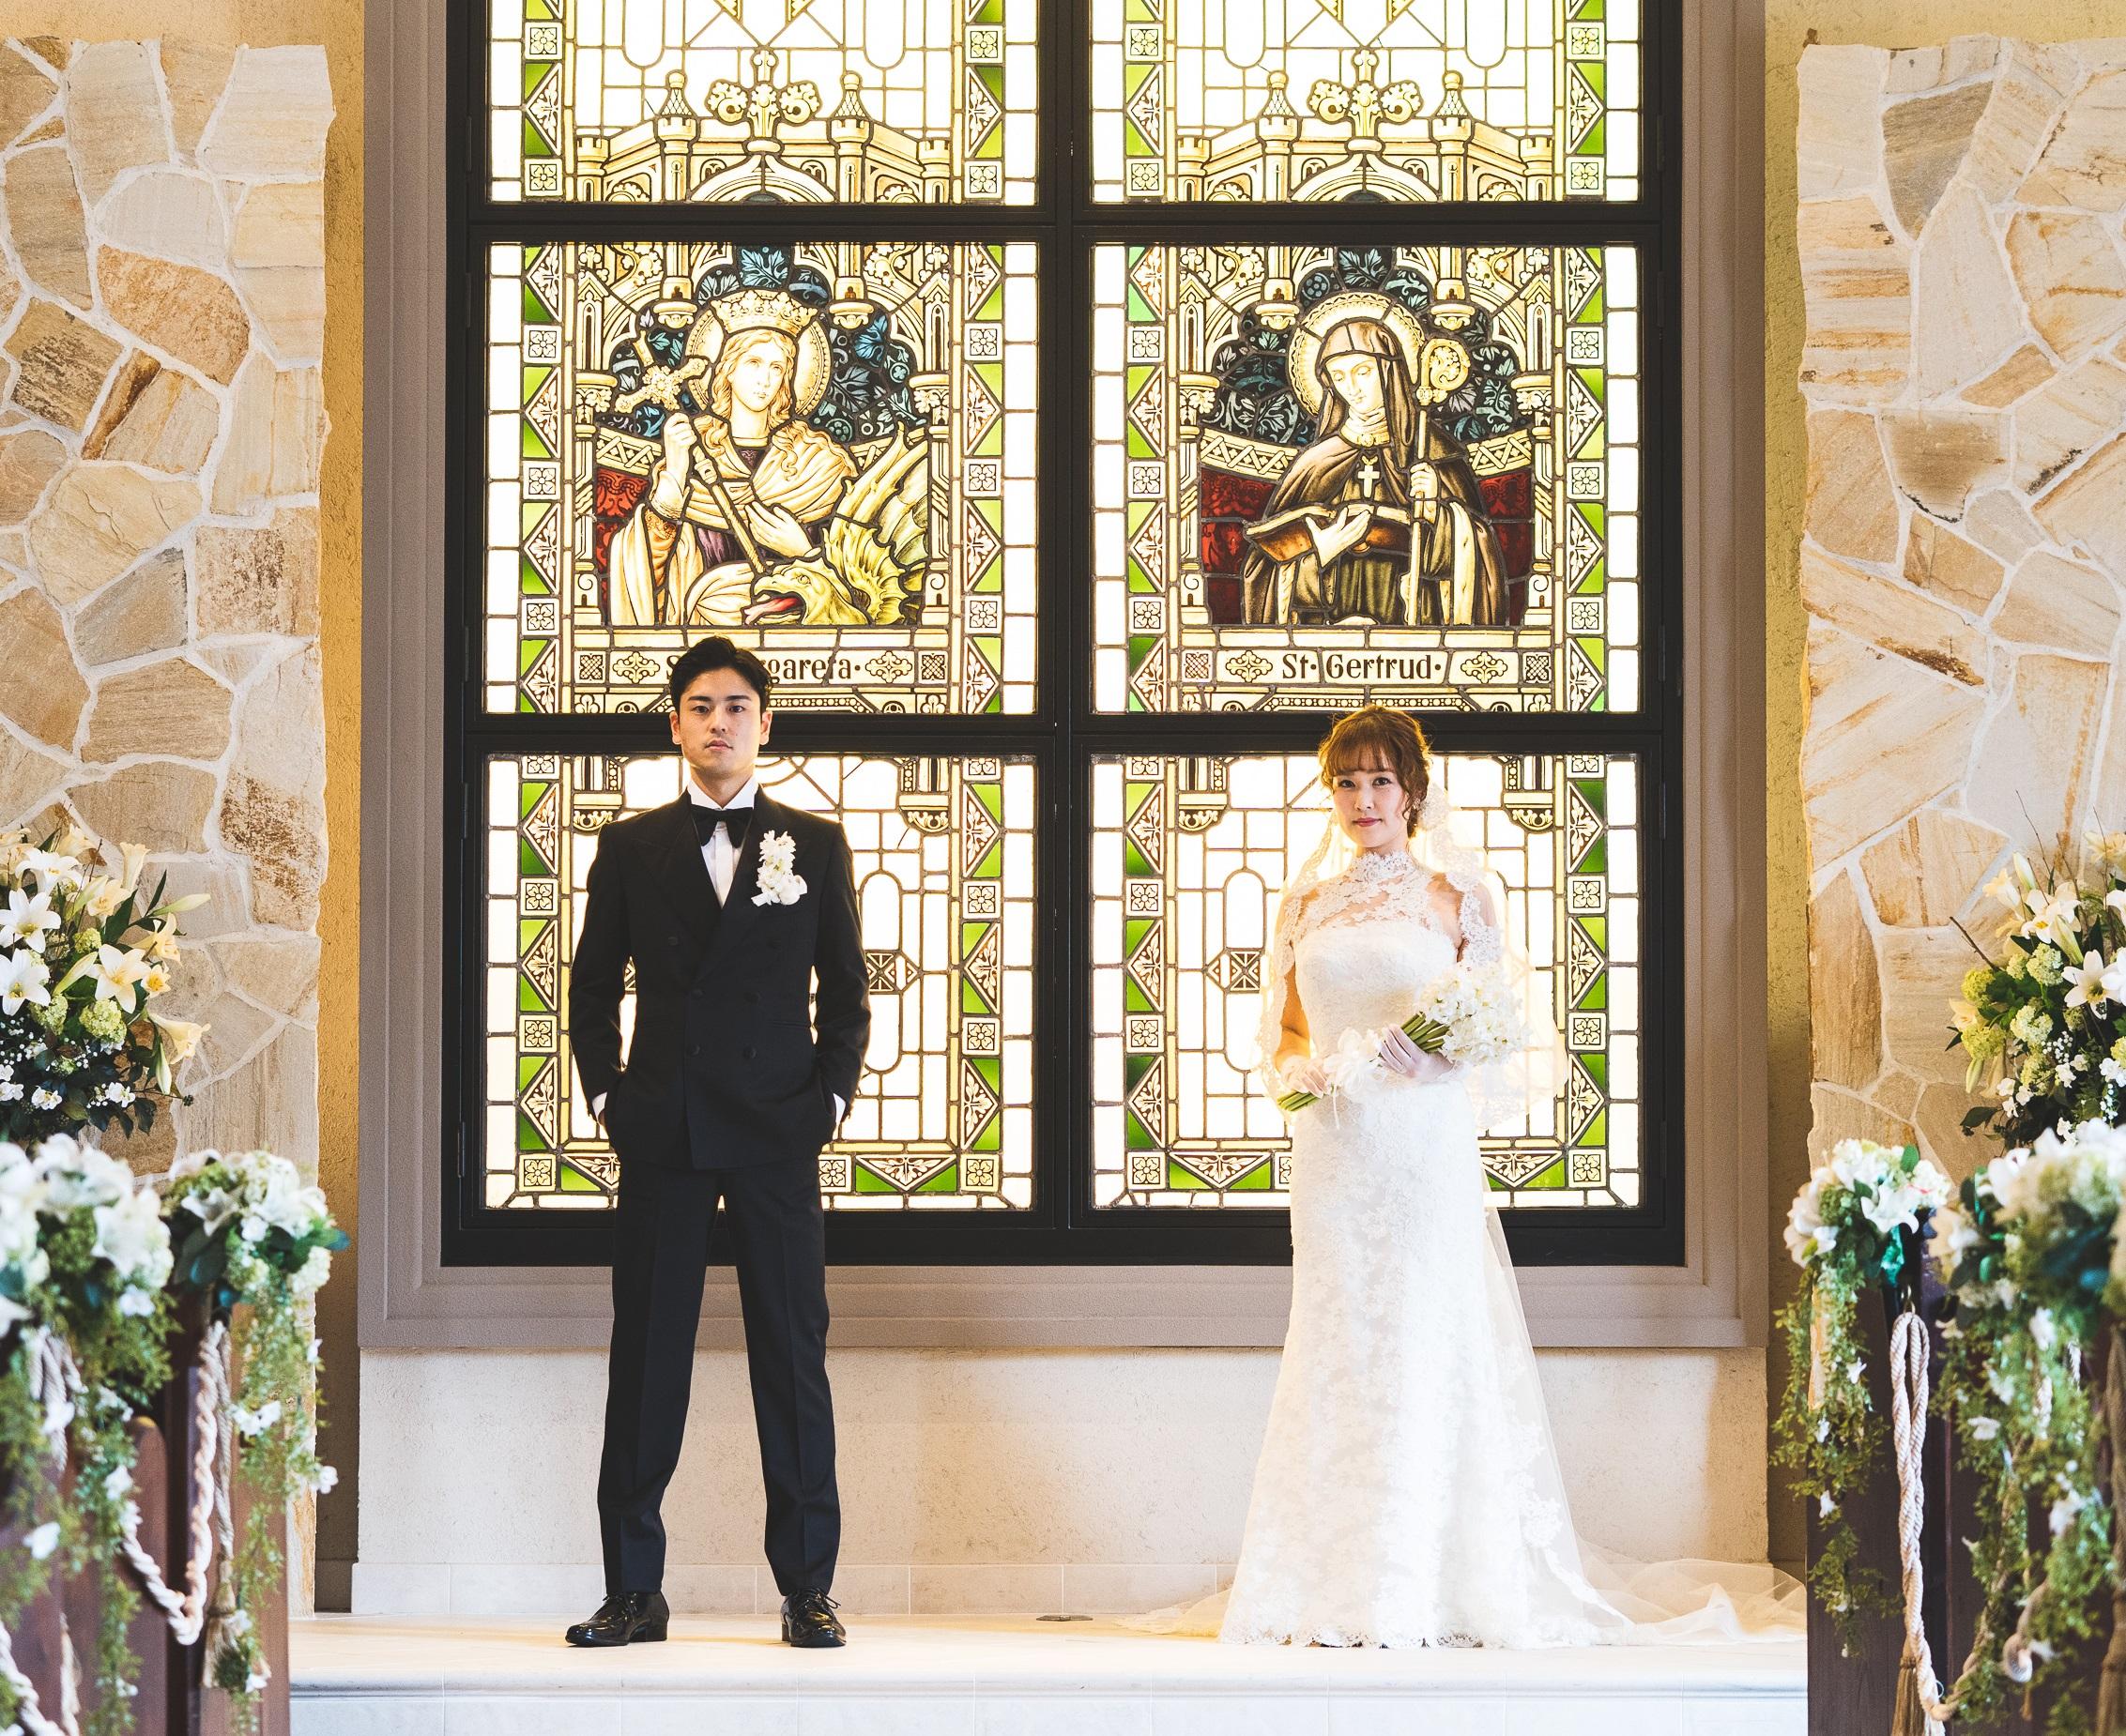 【年1限定!豪華特典付】婚礼試食&コーディネート見学